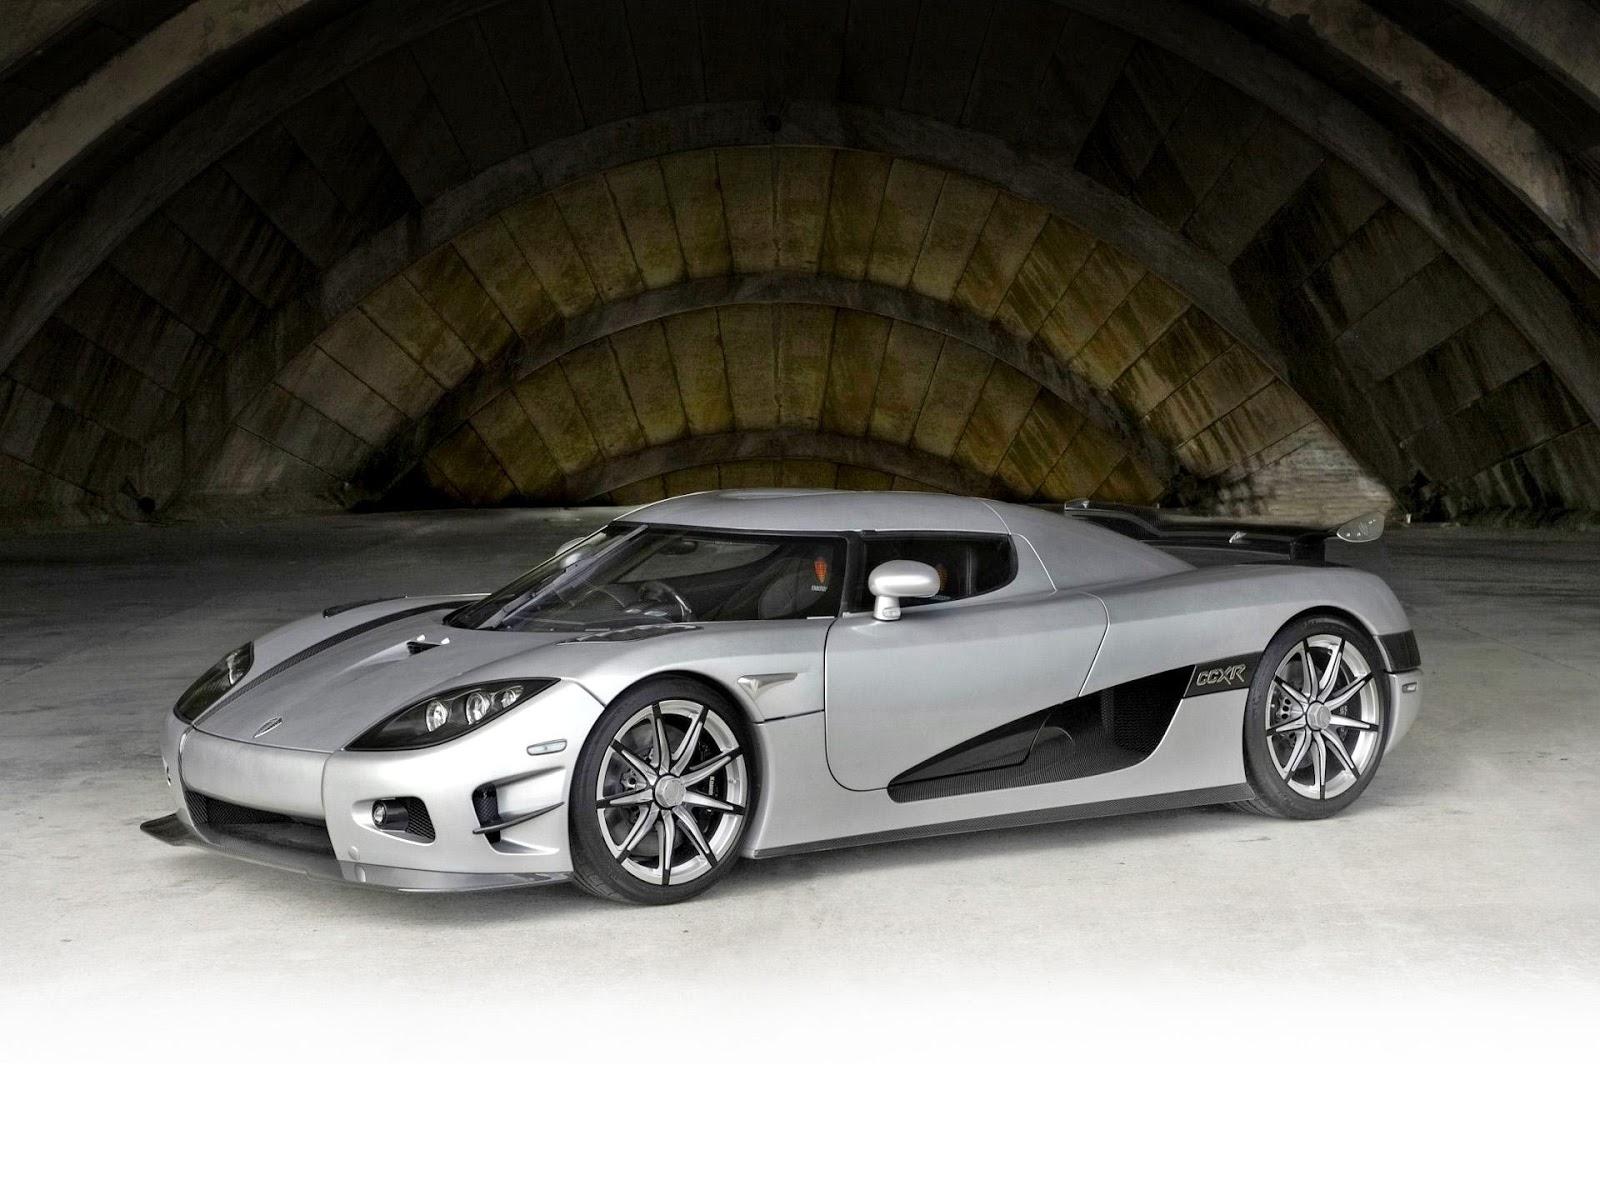 Koenigsegg CCXR Trevita là chiếc siêu xe đắt nhất thế giới, giá vào khoảng 4,8 triệu USD